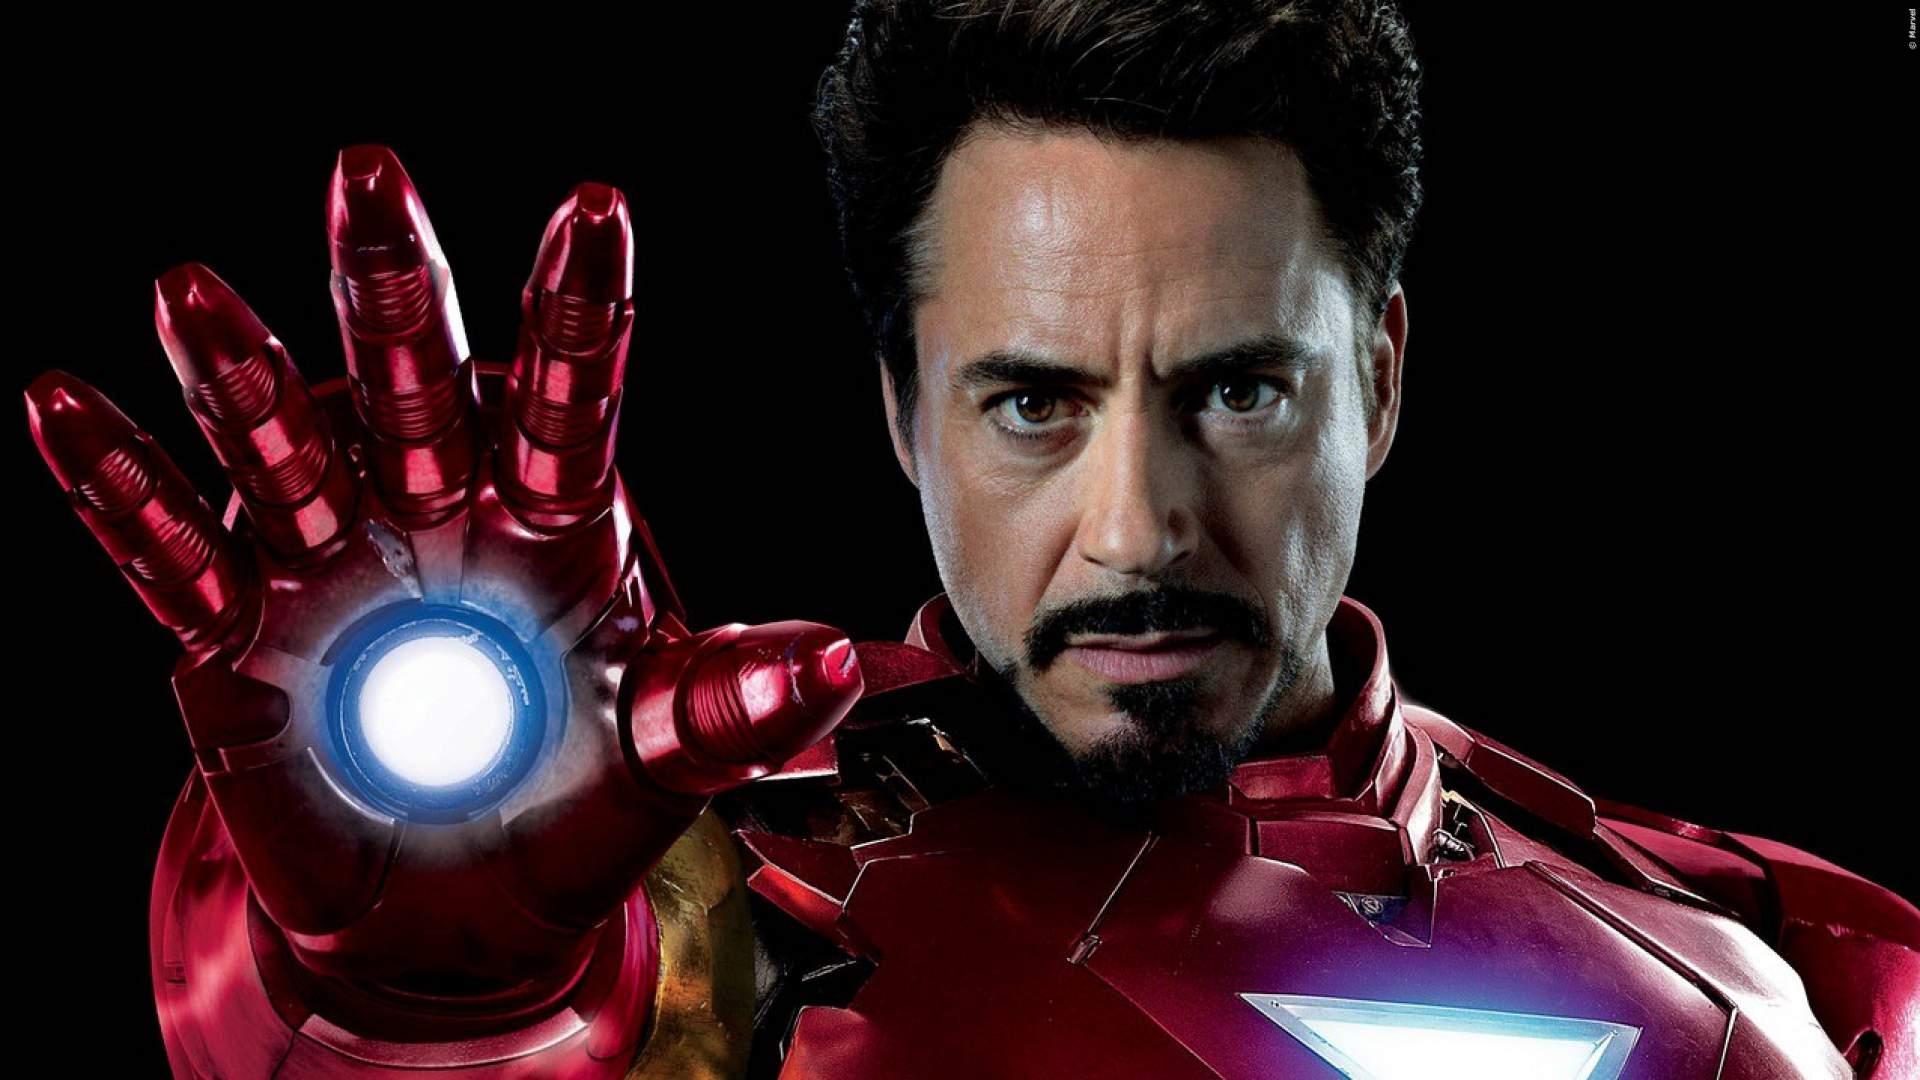 ANDEUTUNG in Interview: 'Iron Man 4' nach 'Avengers: Endgame' noch möglich